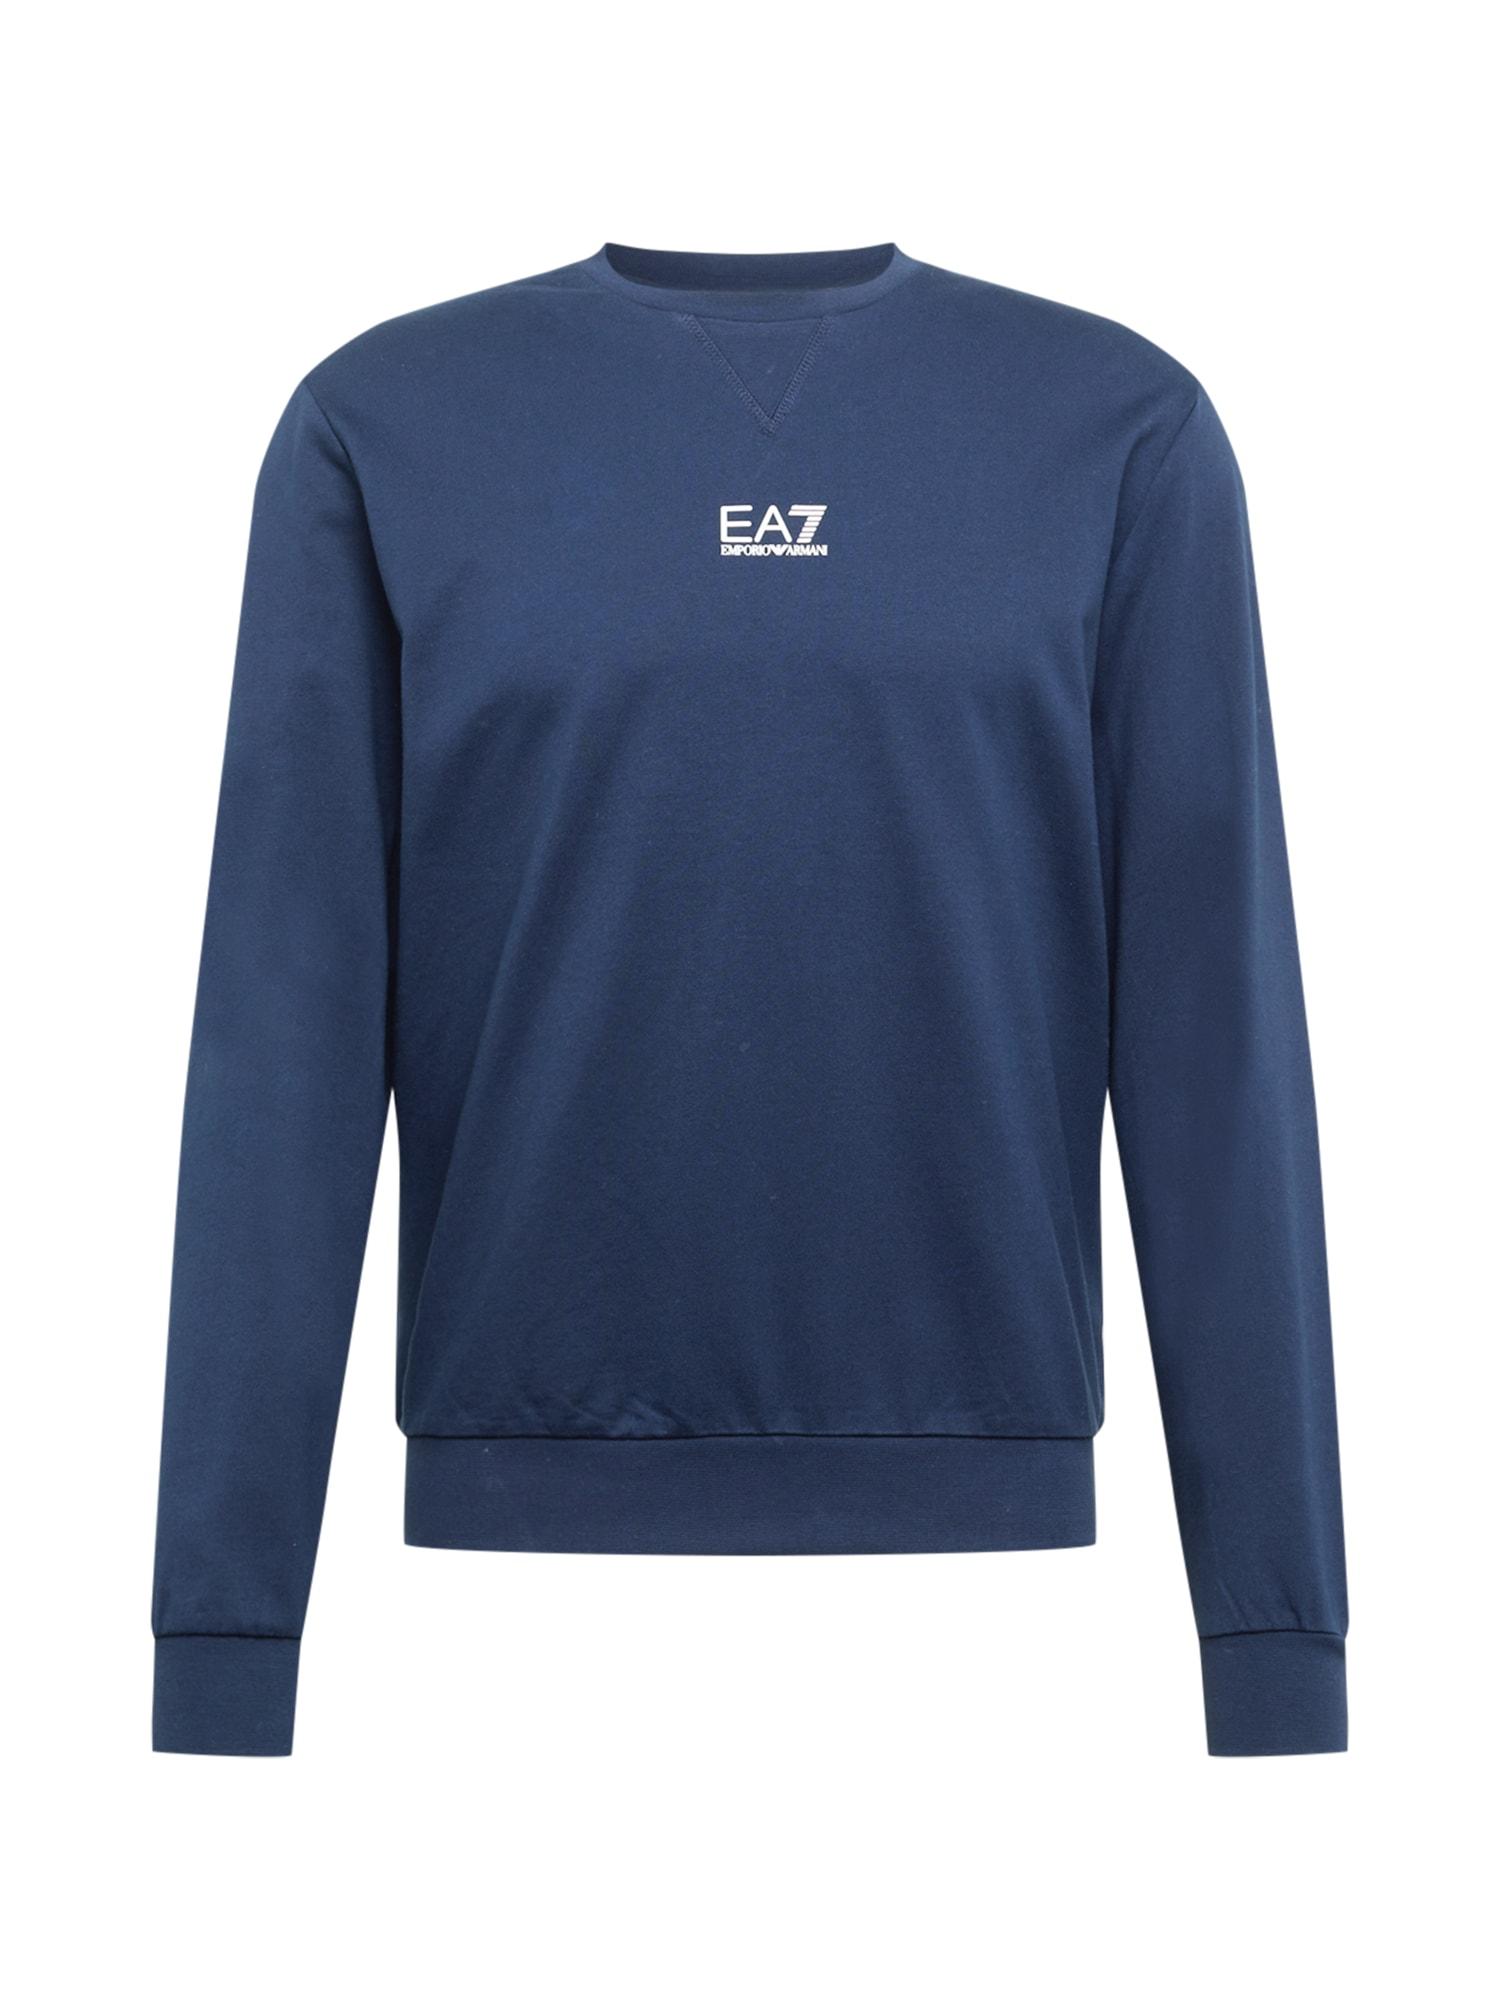 EA7 Emporio Armani Megztinis be užsegimo tamsiai mėlyna jūros spalva / balta